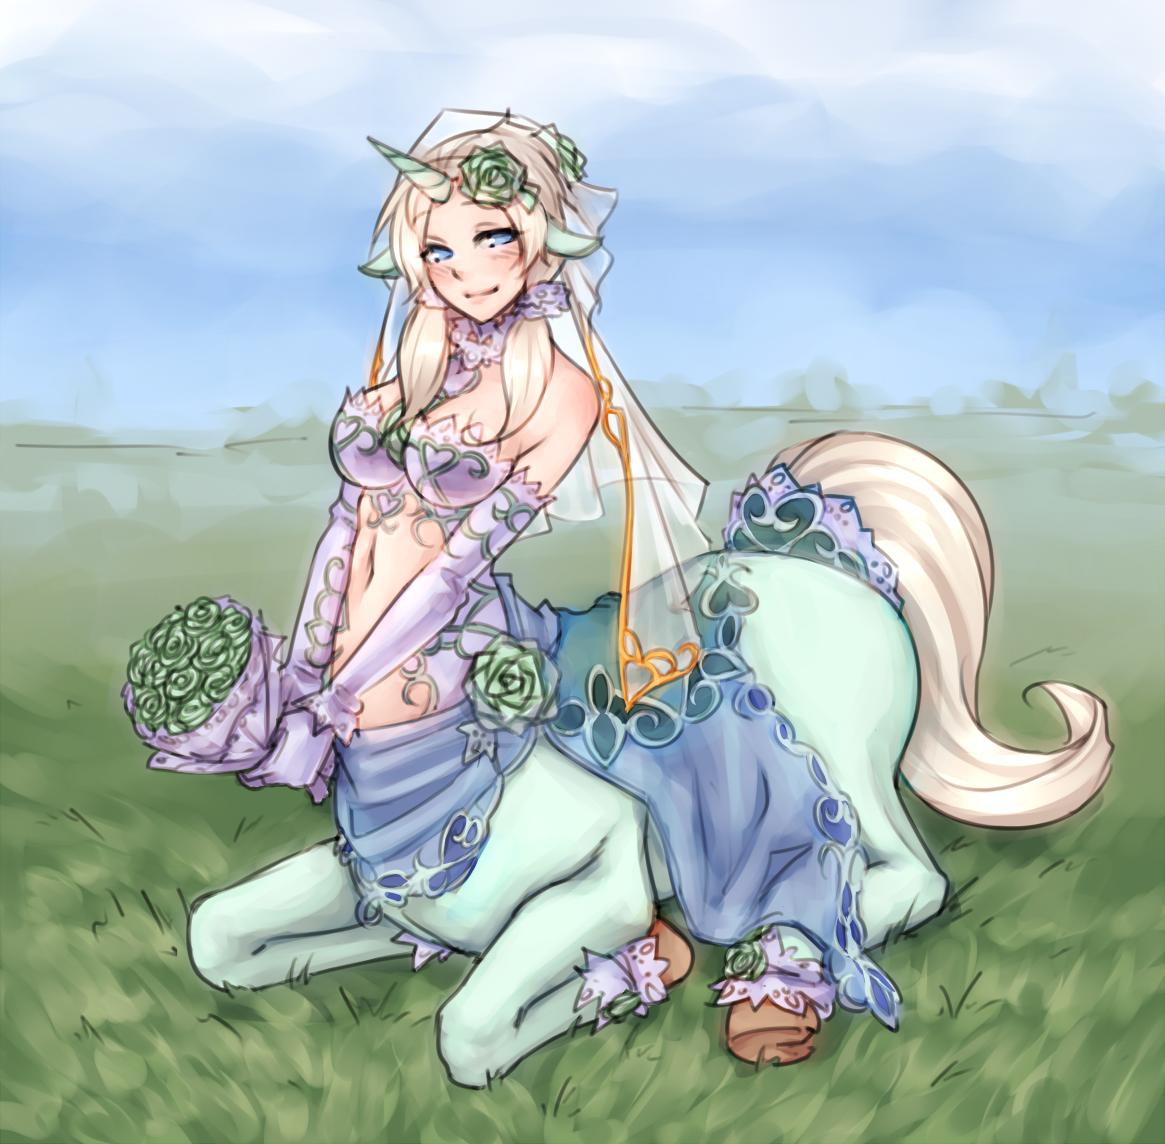 Horse monster girl erotica image